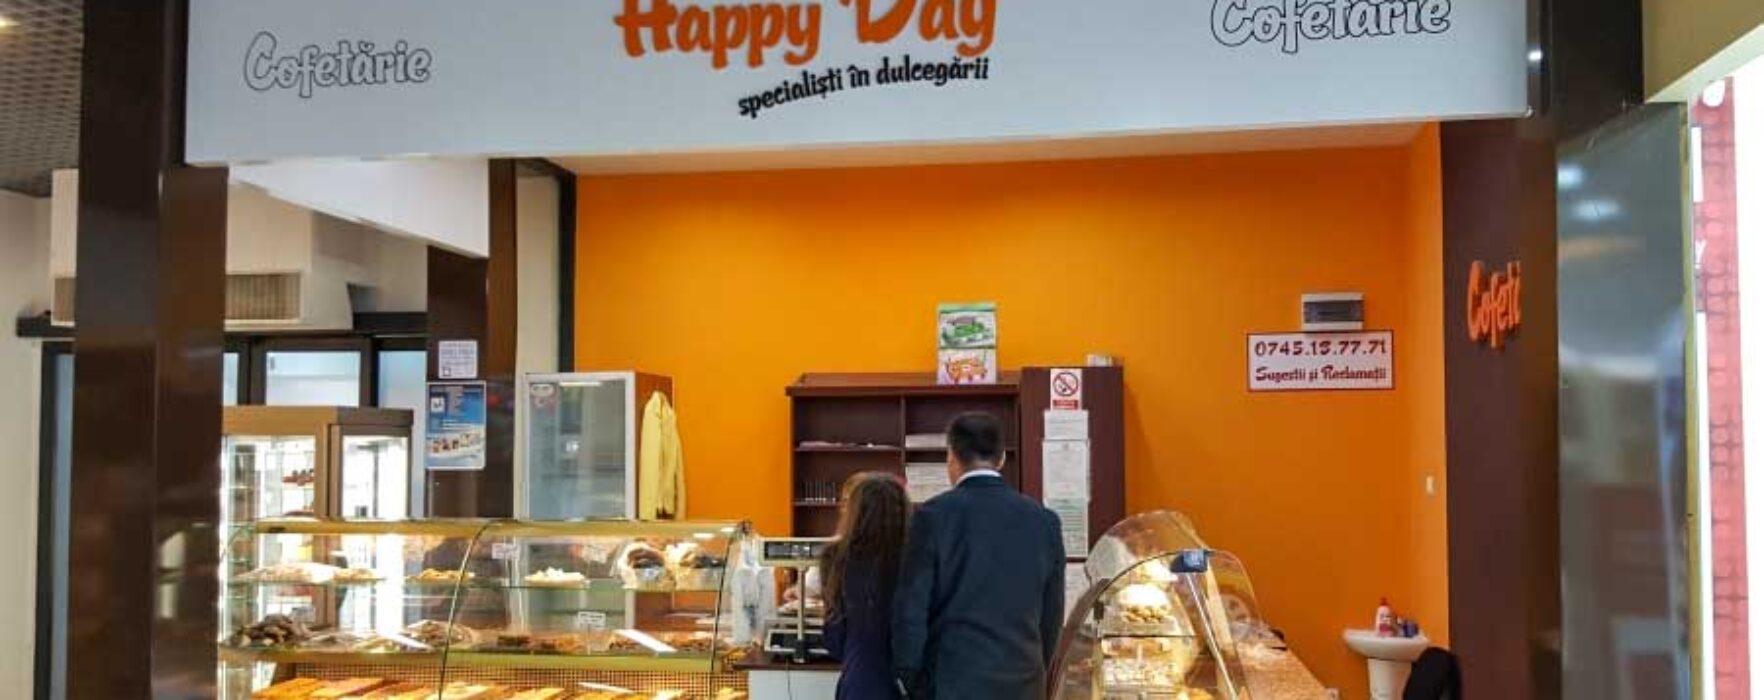 Conducerea Happy Day, despre cazurile COVID-19 la angajaţi ai cofetăriilor din Târgovişte